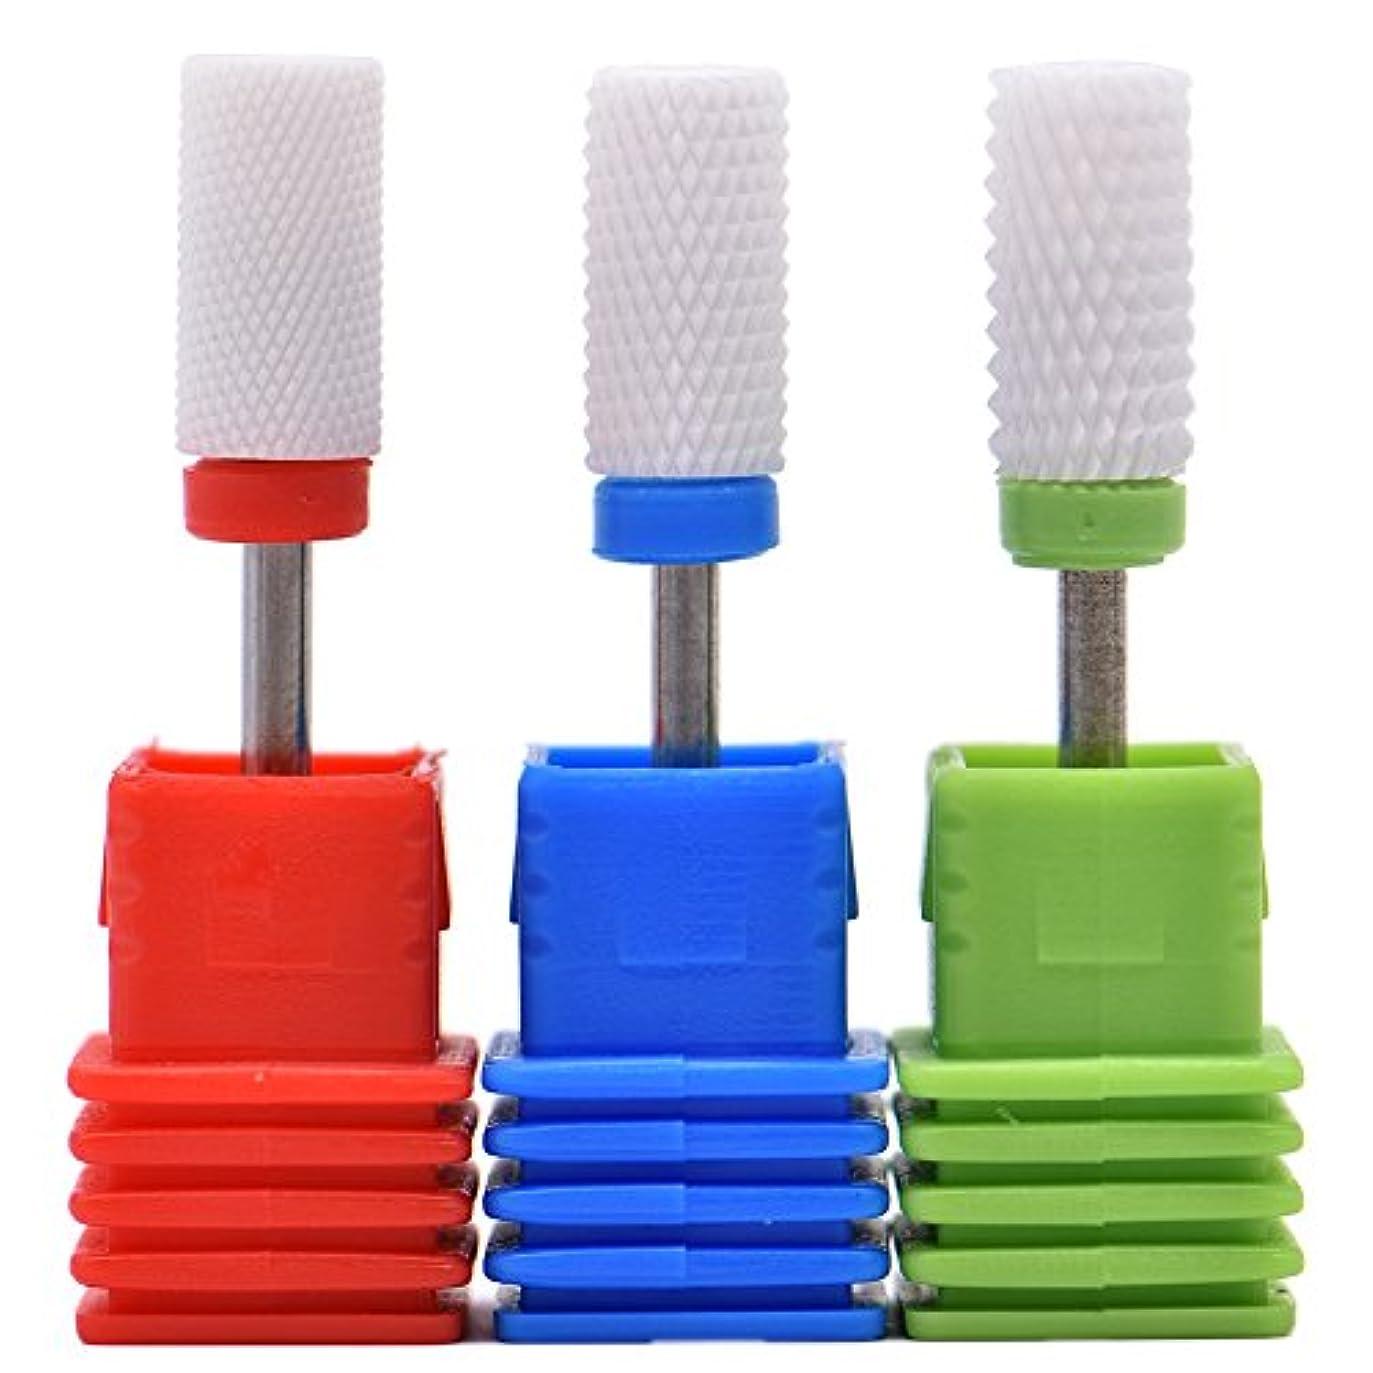 周囲さようなら急降下Oral Dentistry ネイルアート ドリルビット 研削ヘッド 研磨ヘッド ネイル グラインド ヘッド 爪 磨き 研磨 研削 セラミック 全3色 (レッドF(微研削)+グリーンC(粗研削)+ブルーM(中仕上げ))